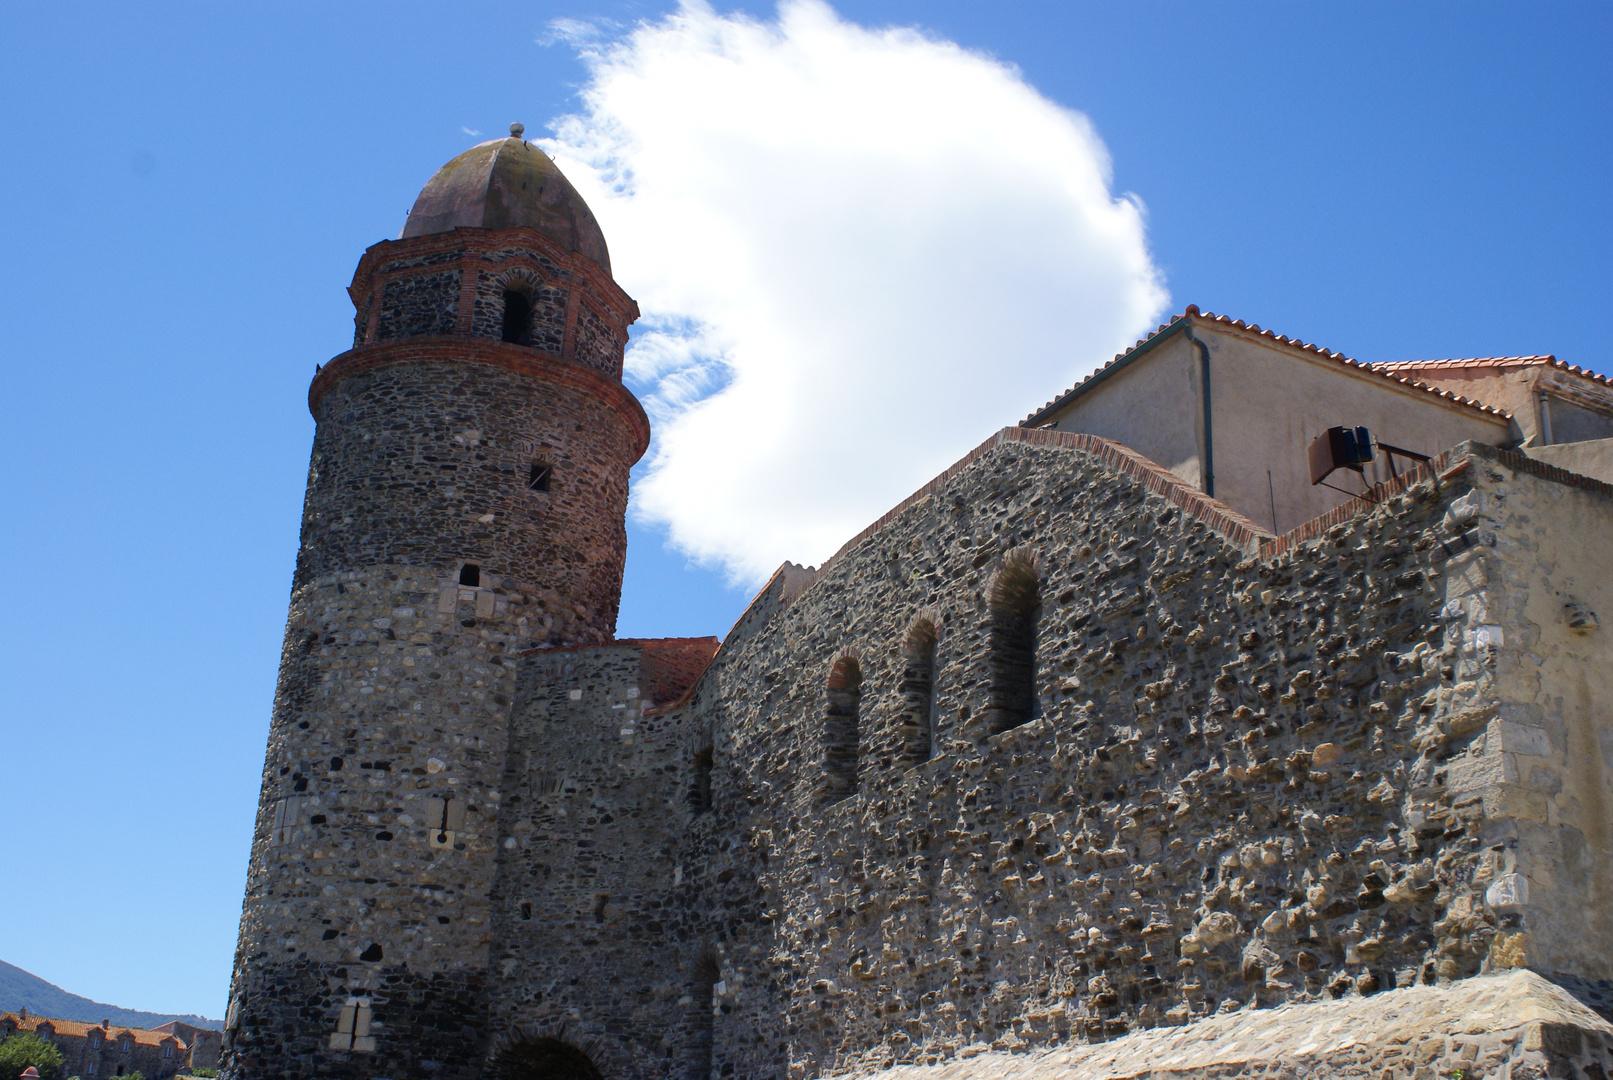 Eglise de Collioure